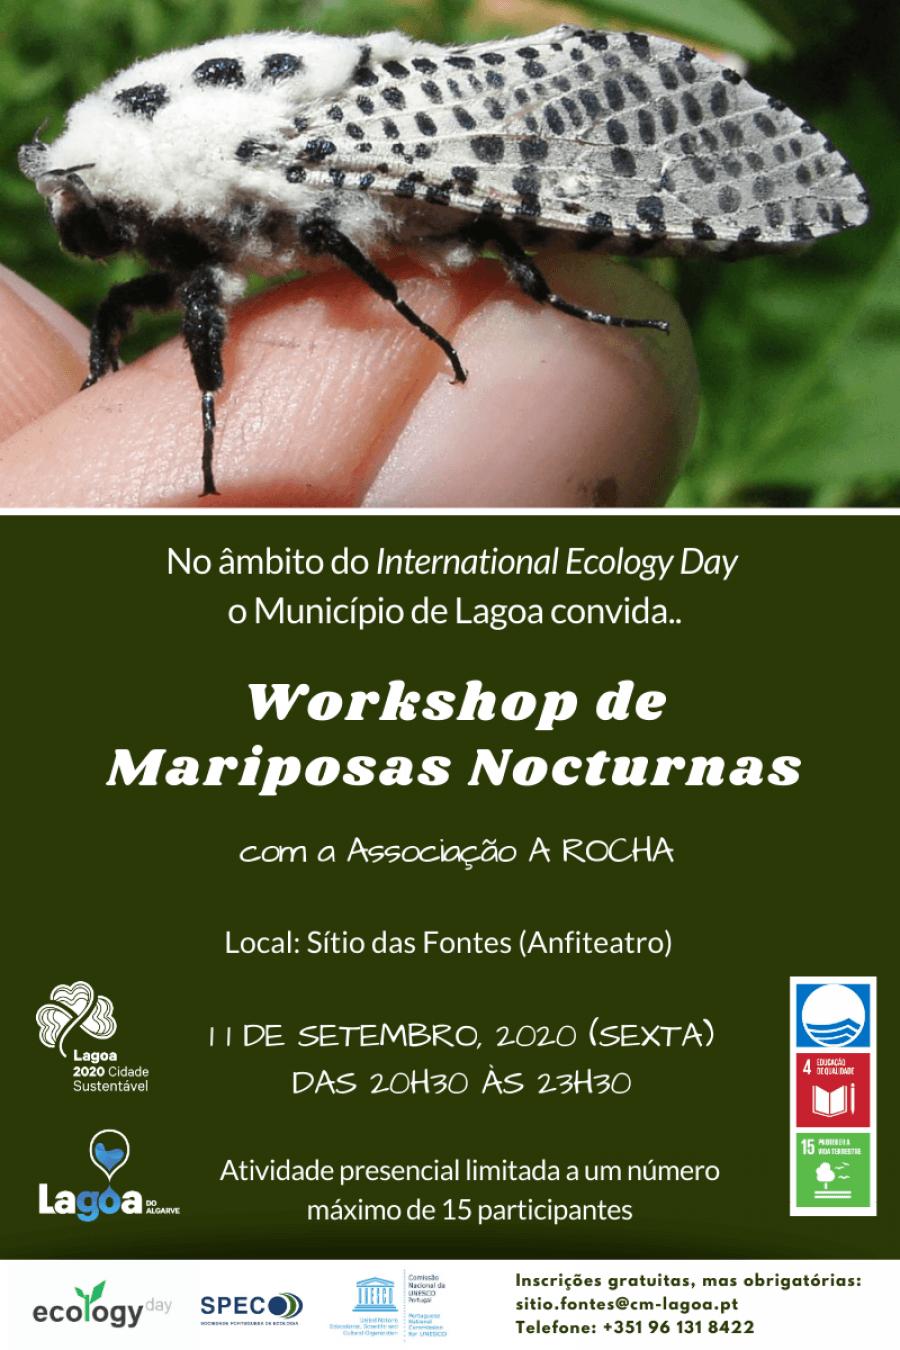 WORKSHOP DE MARIPOSAS NOCTURNAS - Formação de Iniciação à Identificação de Borboletas Nocturnas